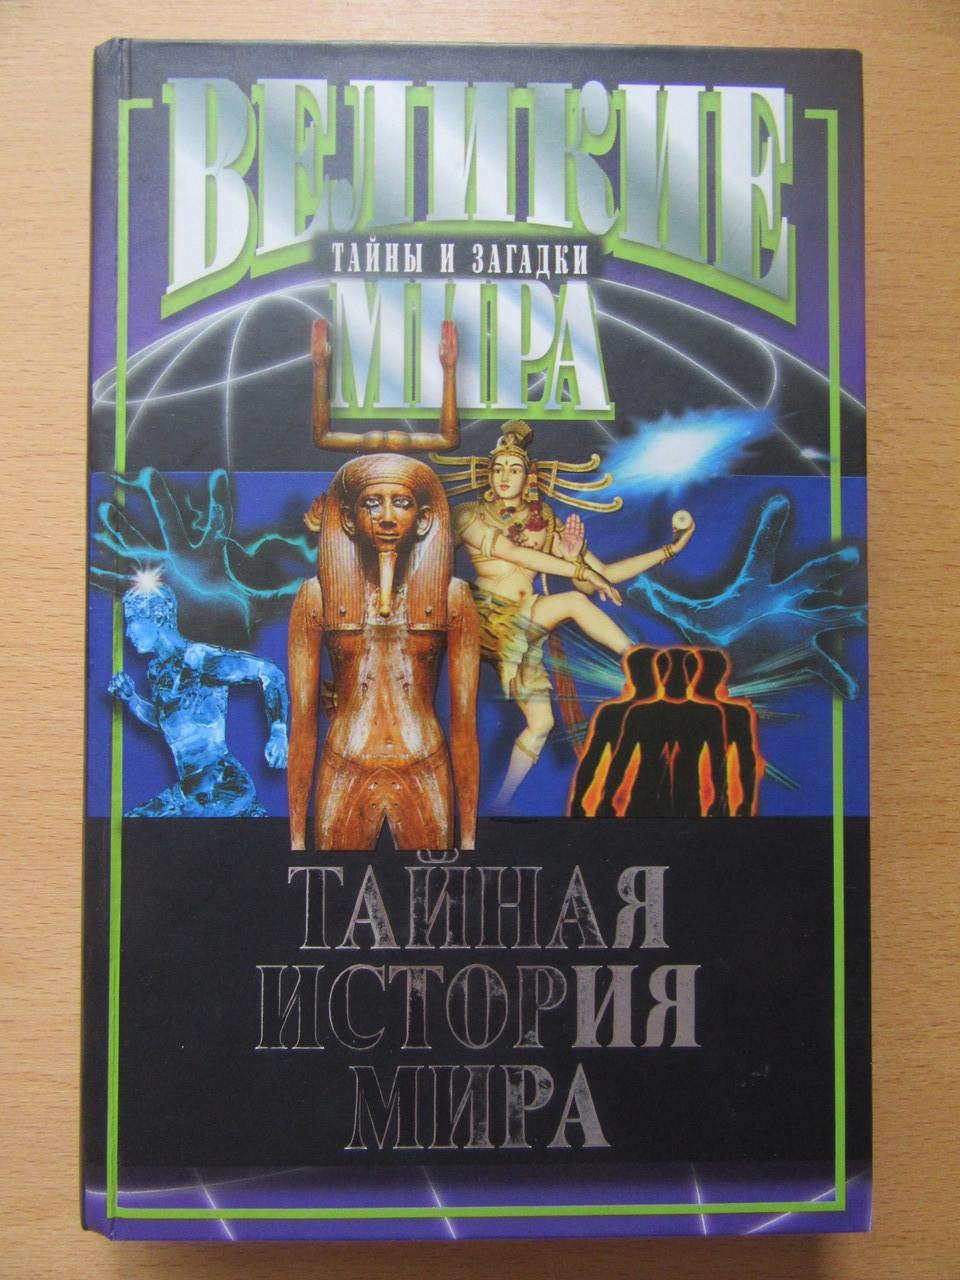 Бурлешин М. І., Демкин С. В., Потапов Ст. Ст. Таємна історія світу